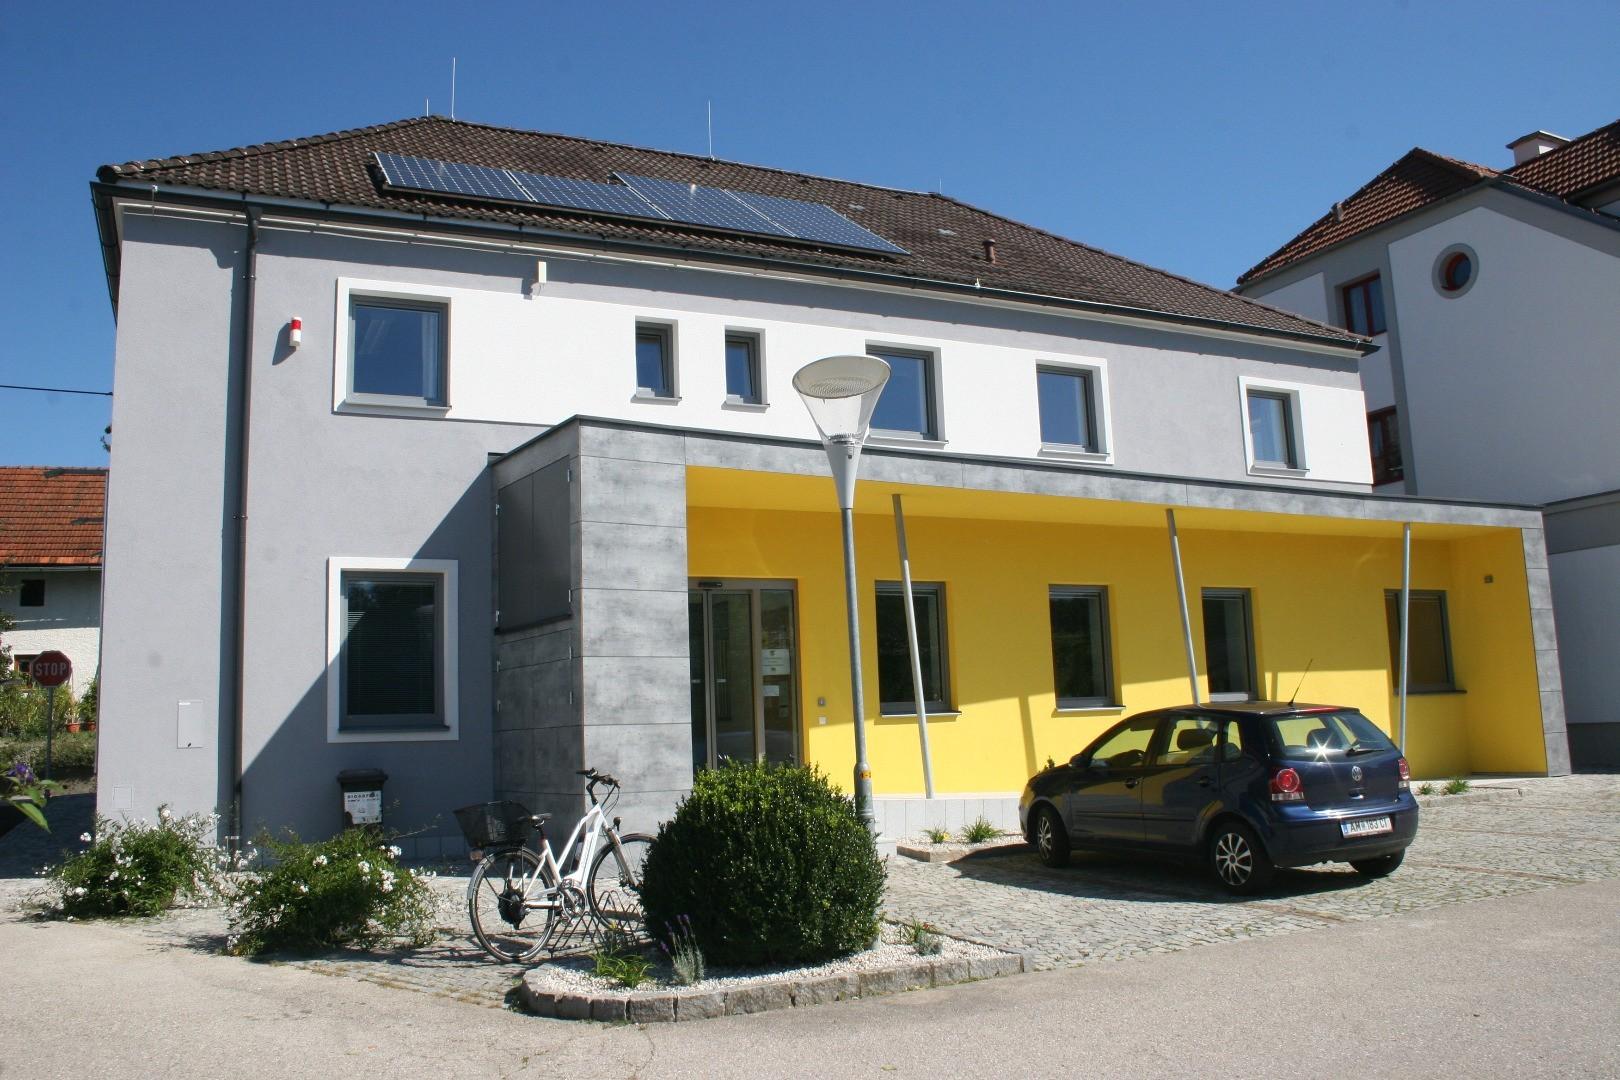 2016-08-31 Gemeindeamt NEU von Außen 3.JPG